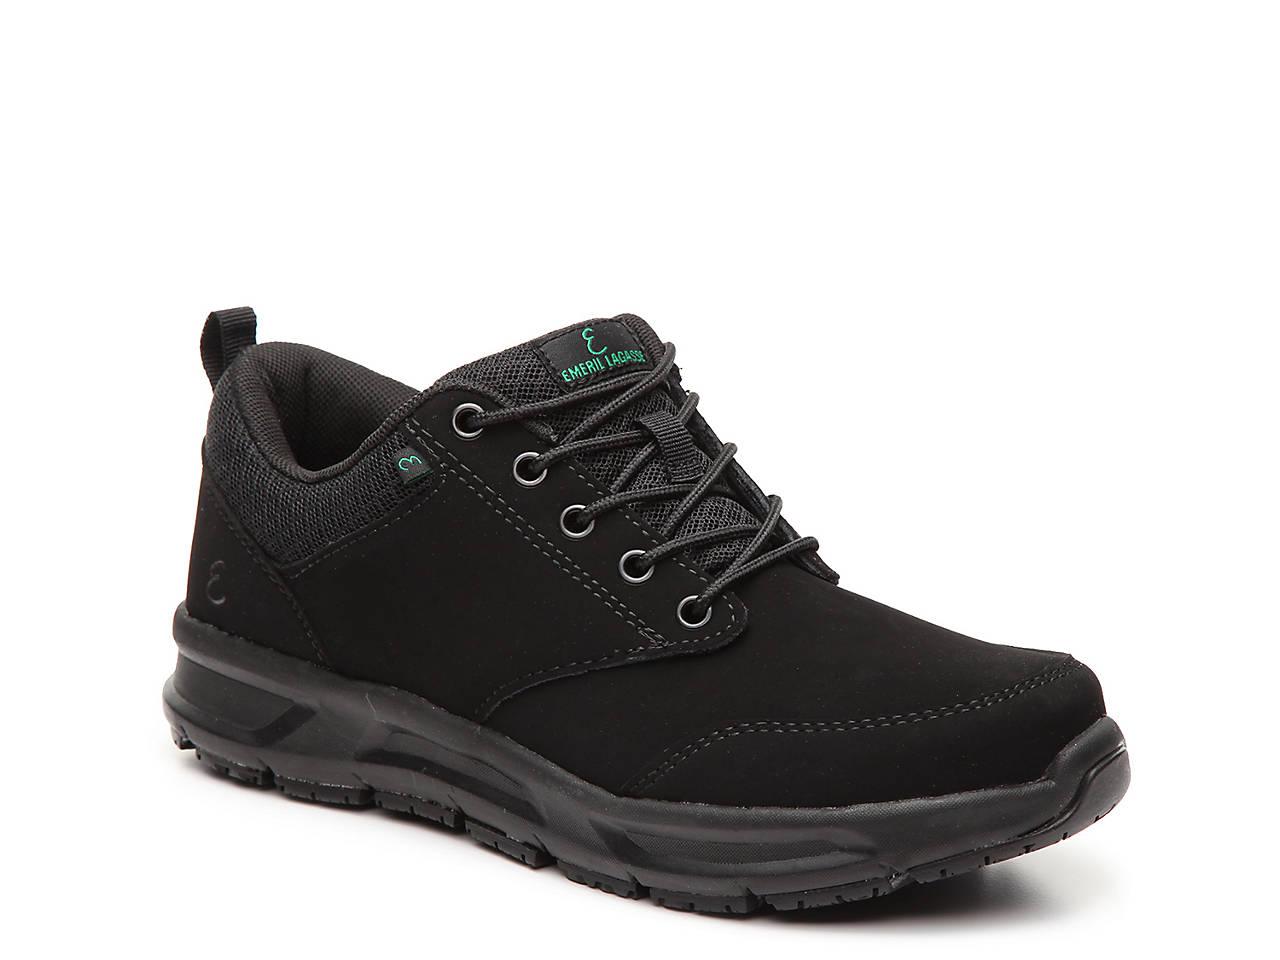 Emeril Lagasse Footwear Quarter Lace Up Sneaker SoVTeL5i